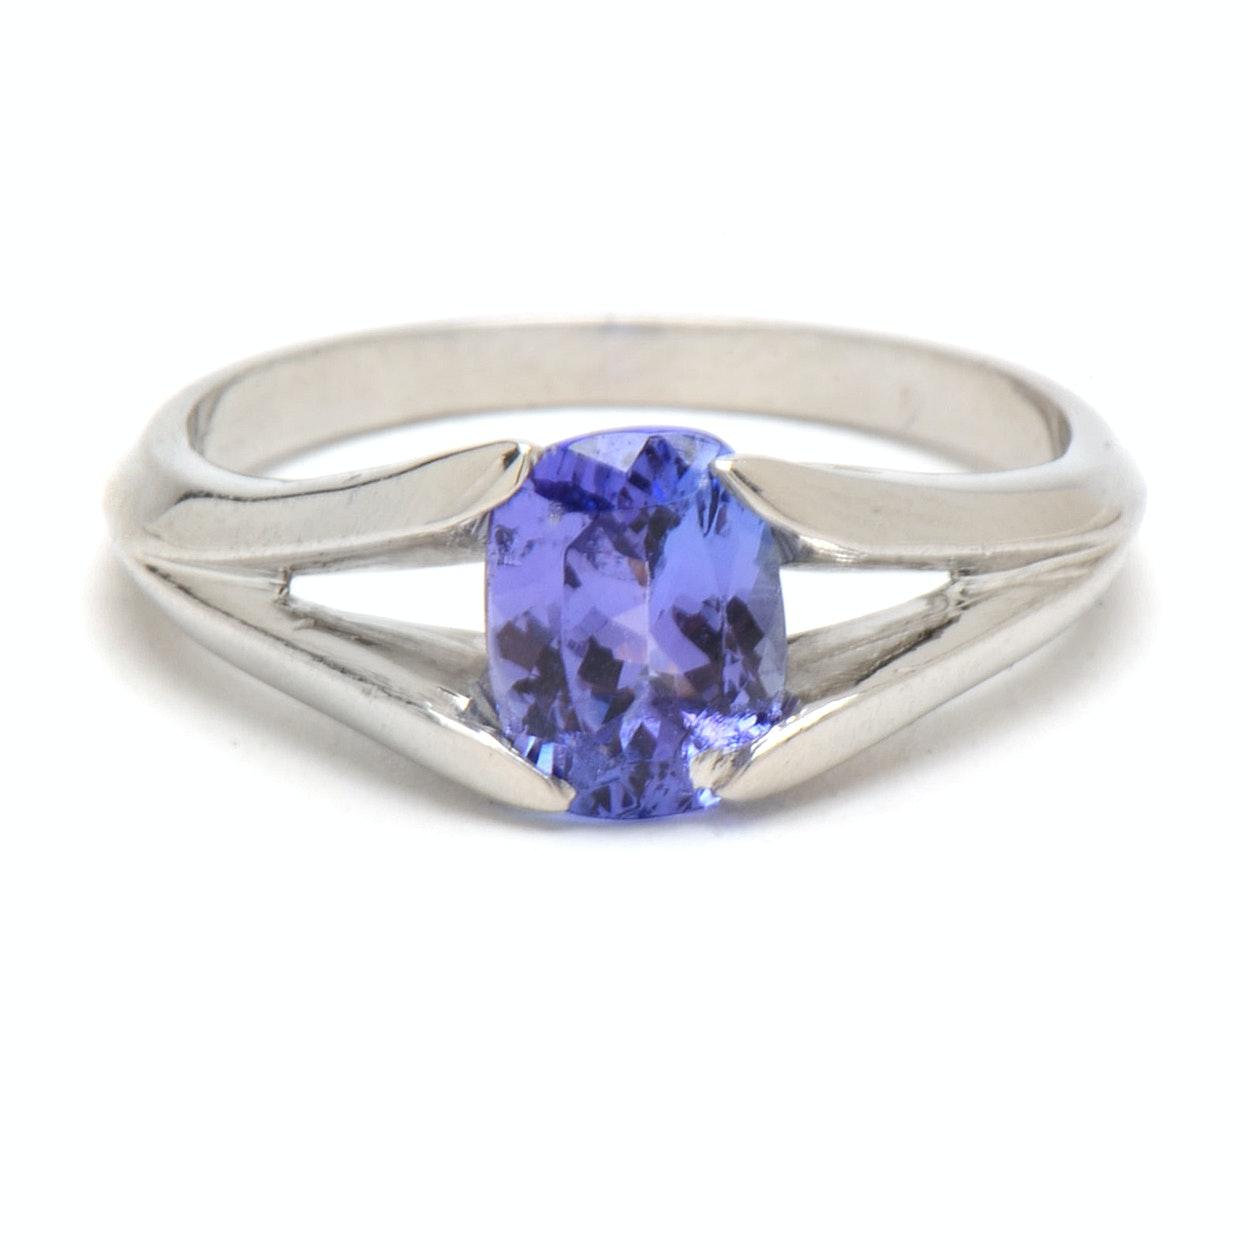 Platinum Solitaire 1.14 Carat Tanzanite Ring